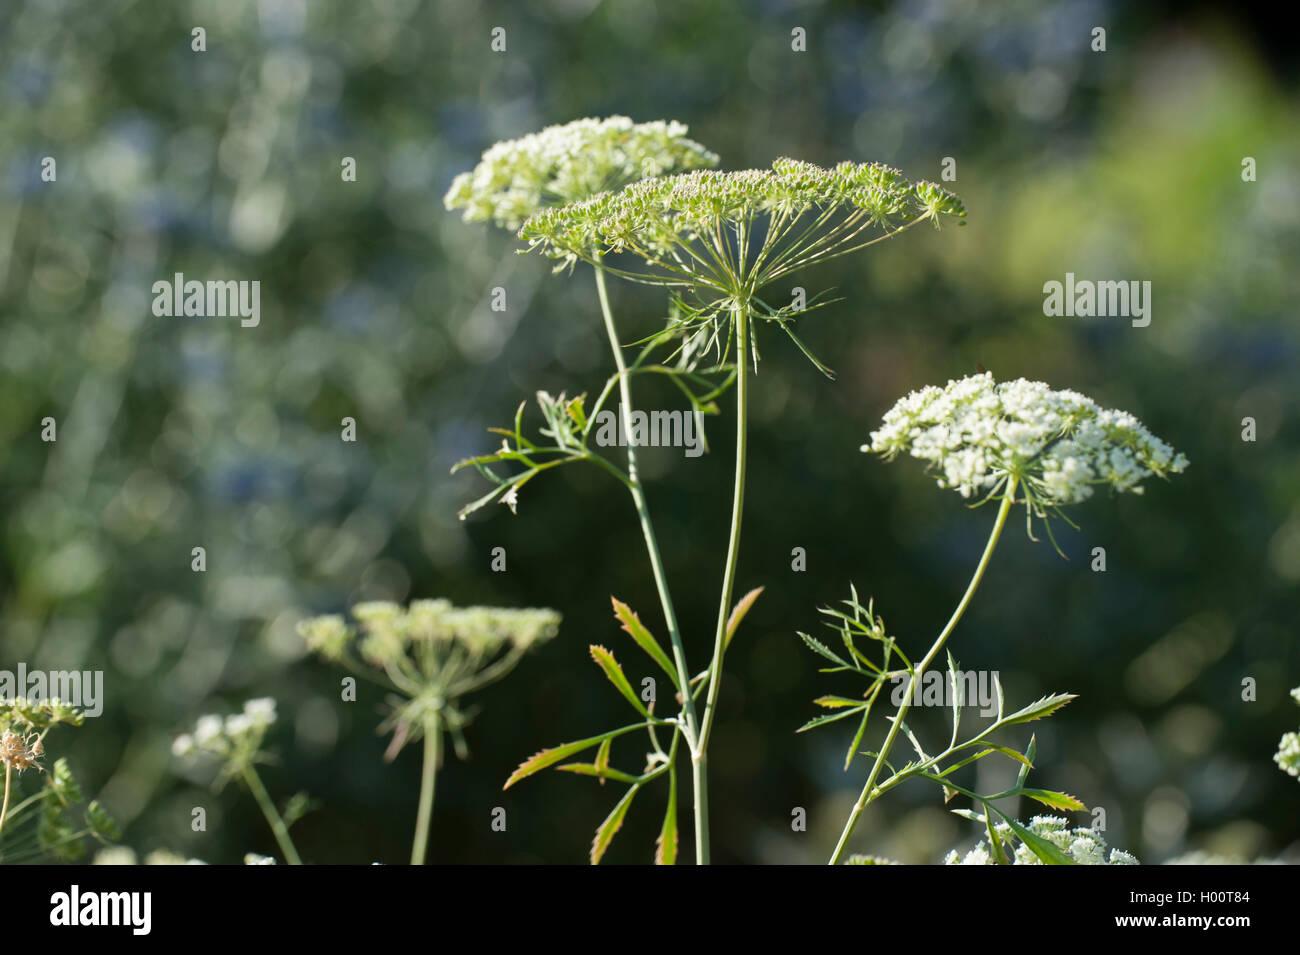 Bullwort, Zahnstocher ammi, Blume des Bischofs (Ammi majus), blühende Stockfoto